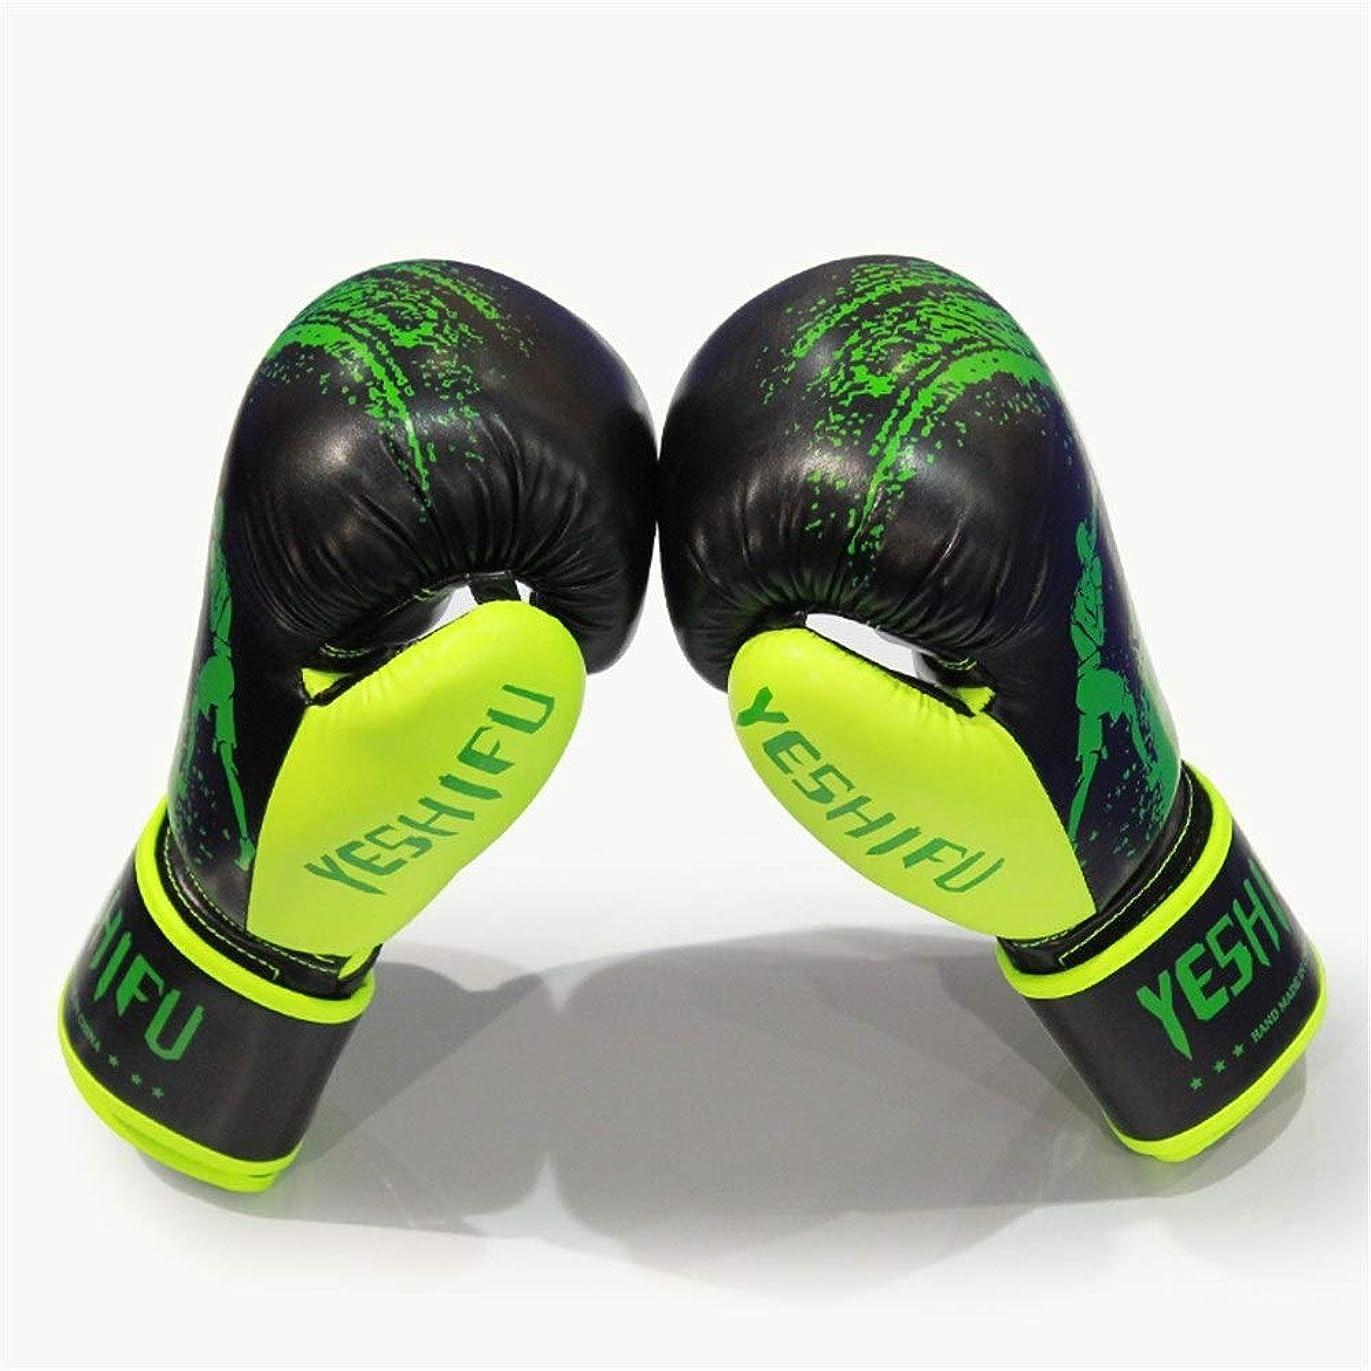 チームうめき待つユニセックスボクシンググローブトレーニンググローブフリーファイトムエタイボクシンググローブ (Color : GREEN, Size : 10oz)